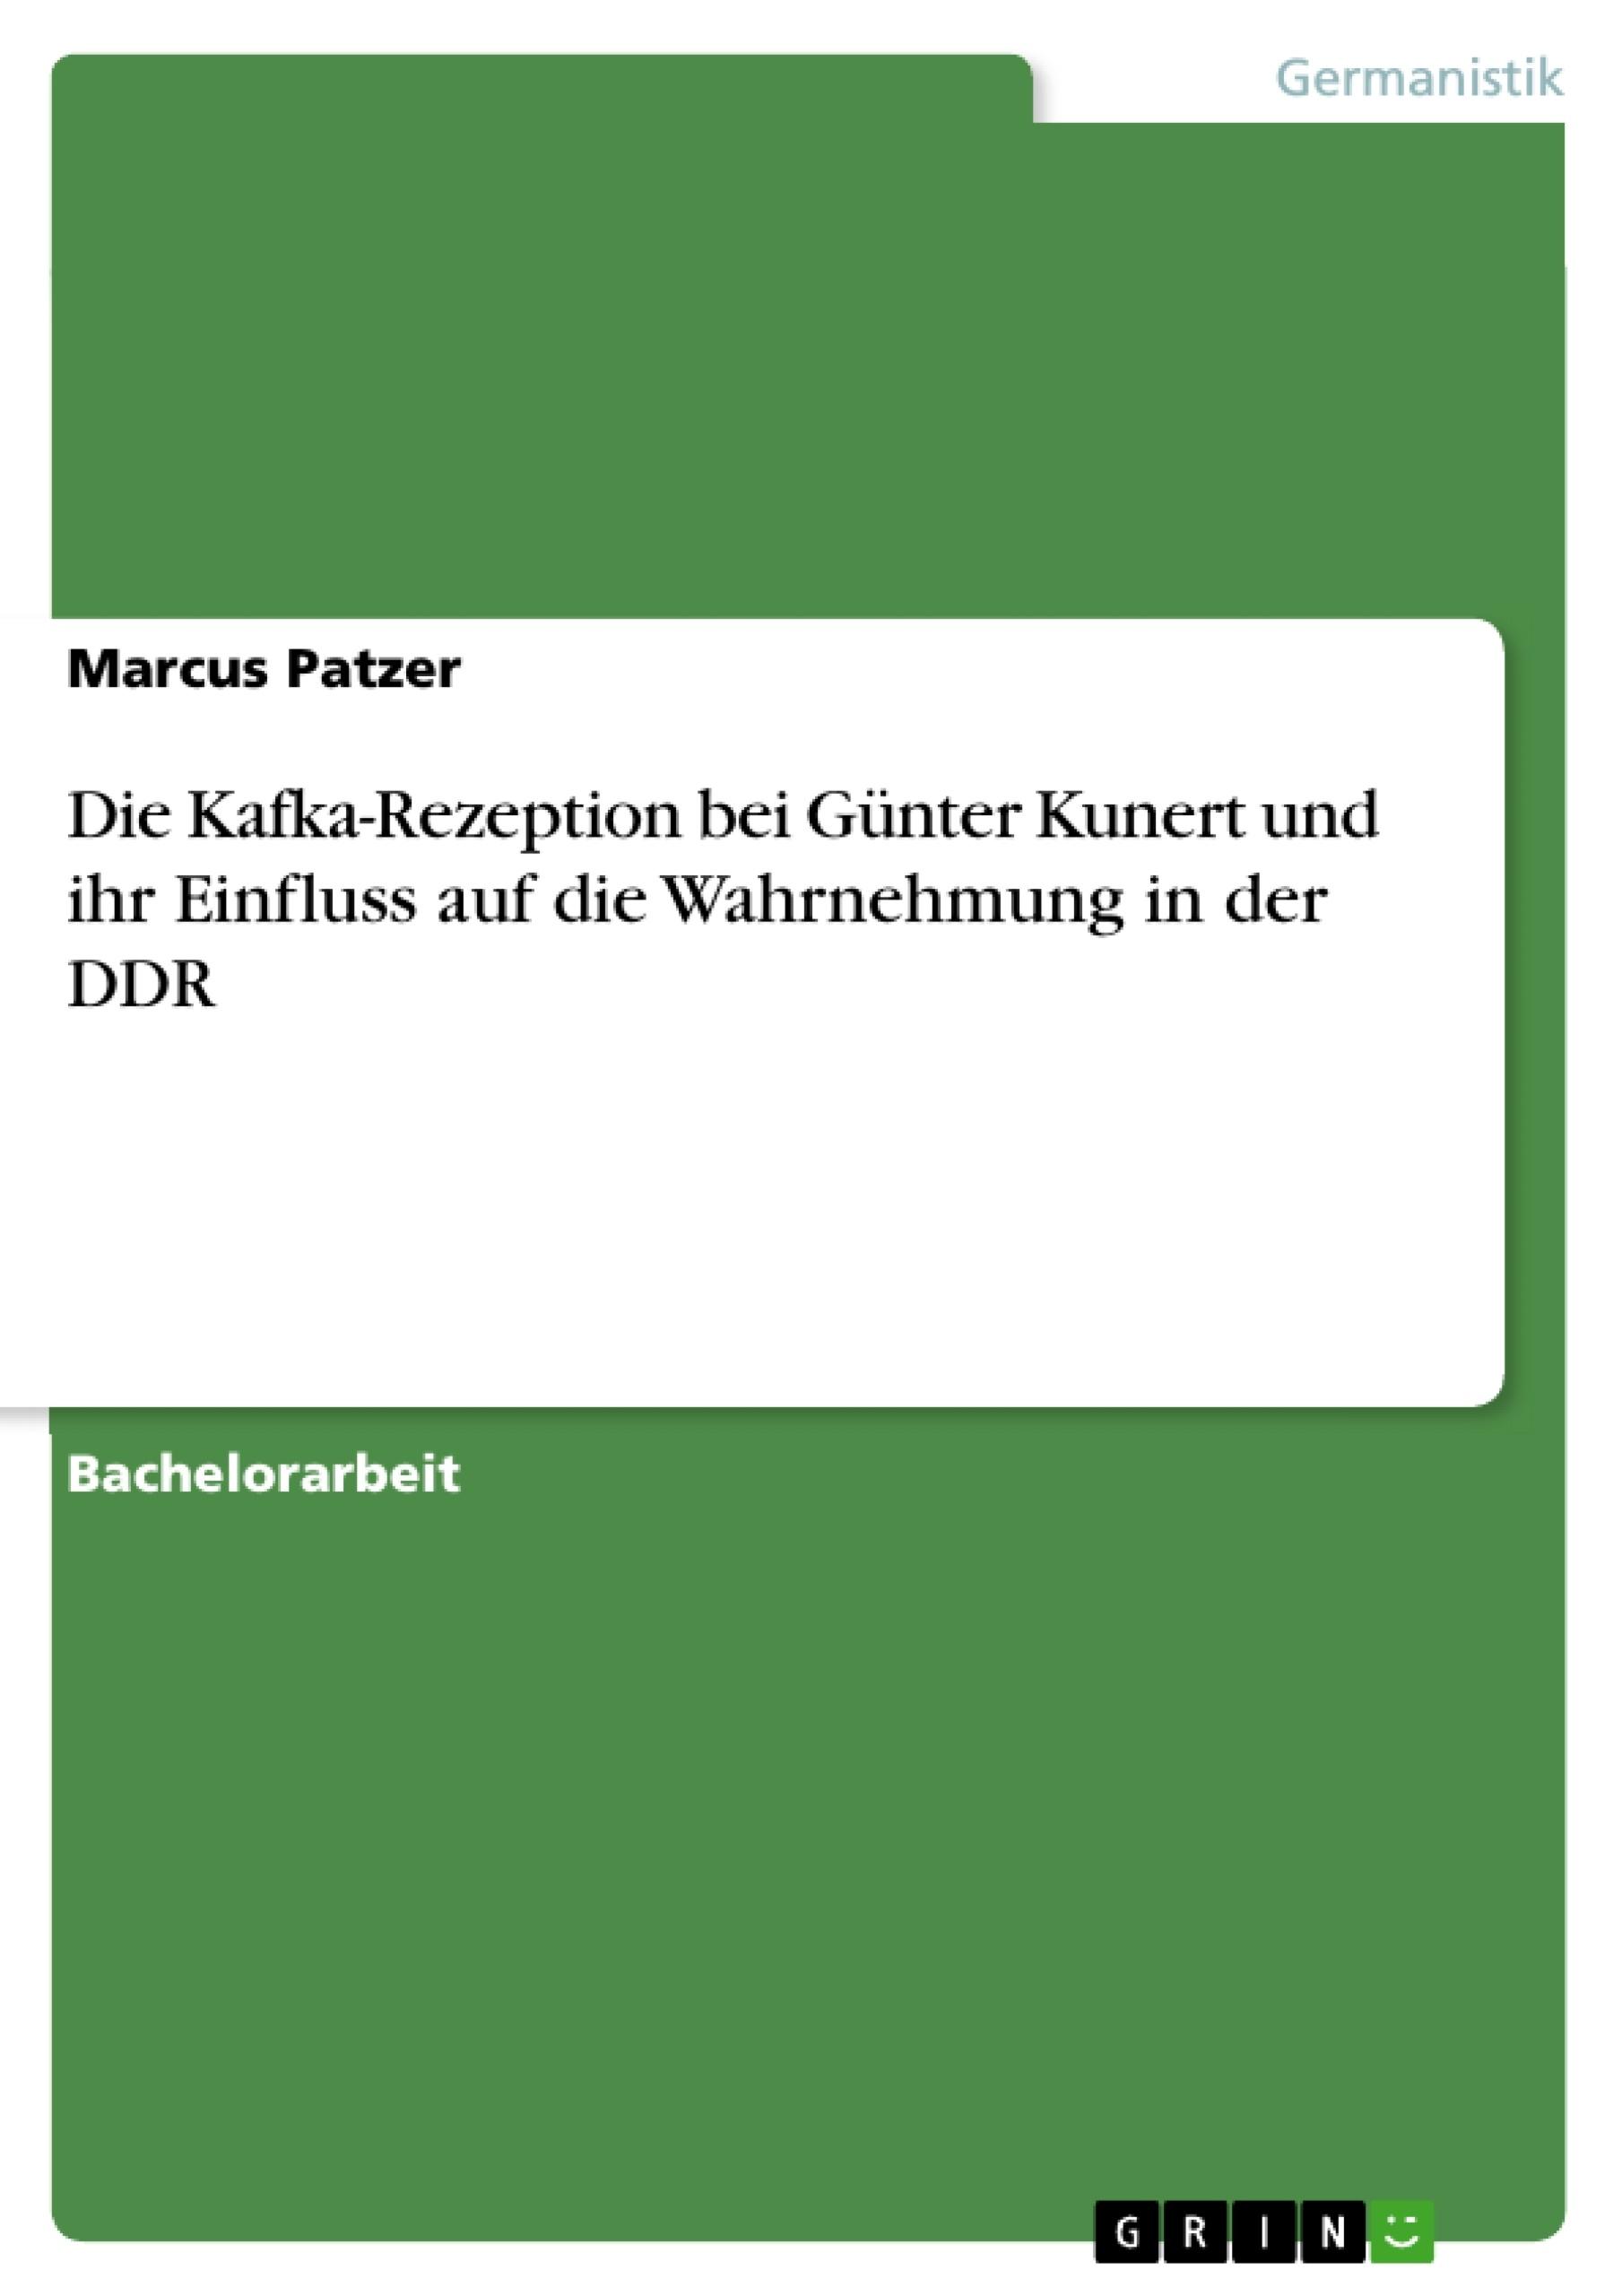 Titel: Die Kafka-Rezeption bei Günter Kunert und ihr Einfluss auf die Wahrnehmung in der DDR